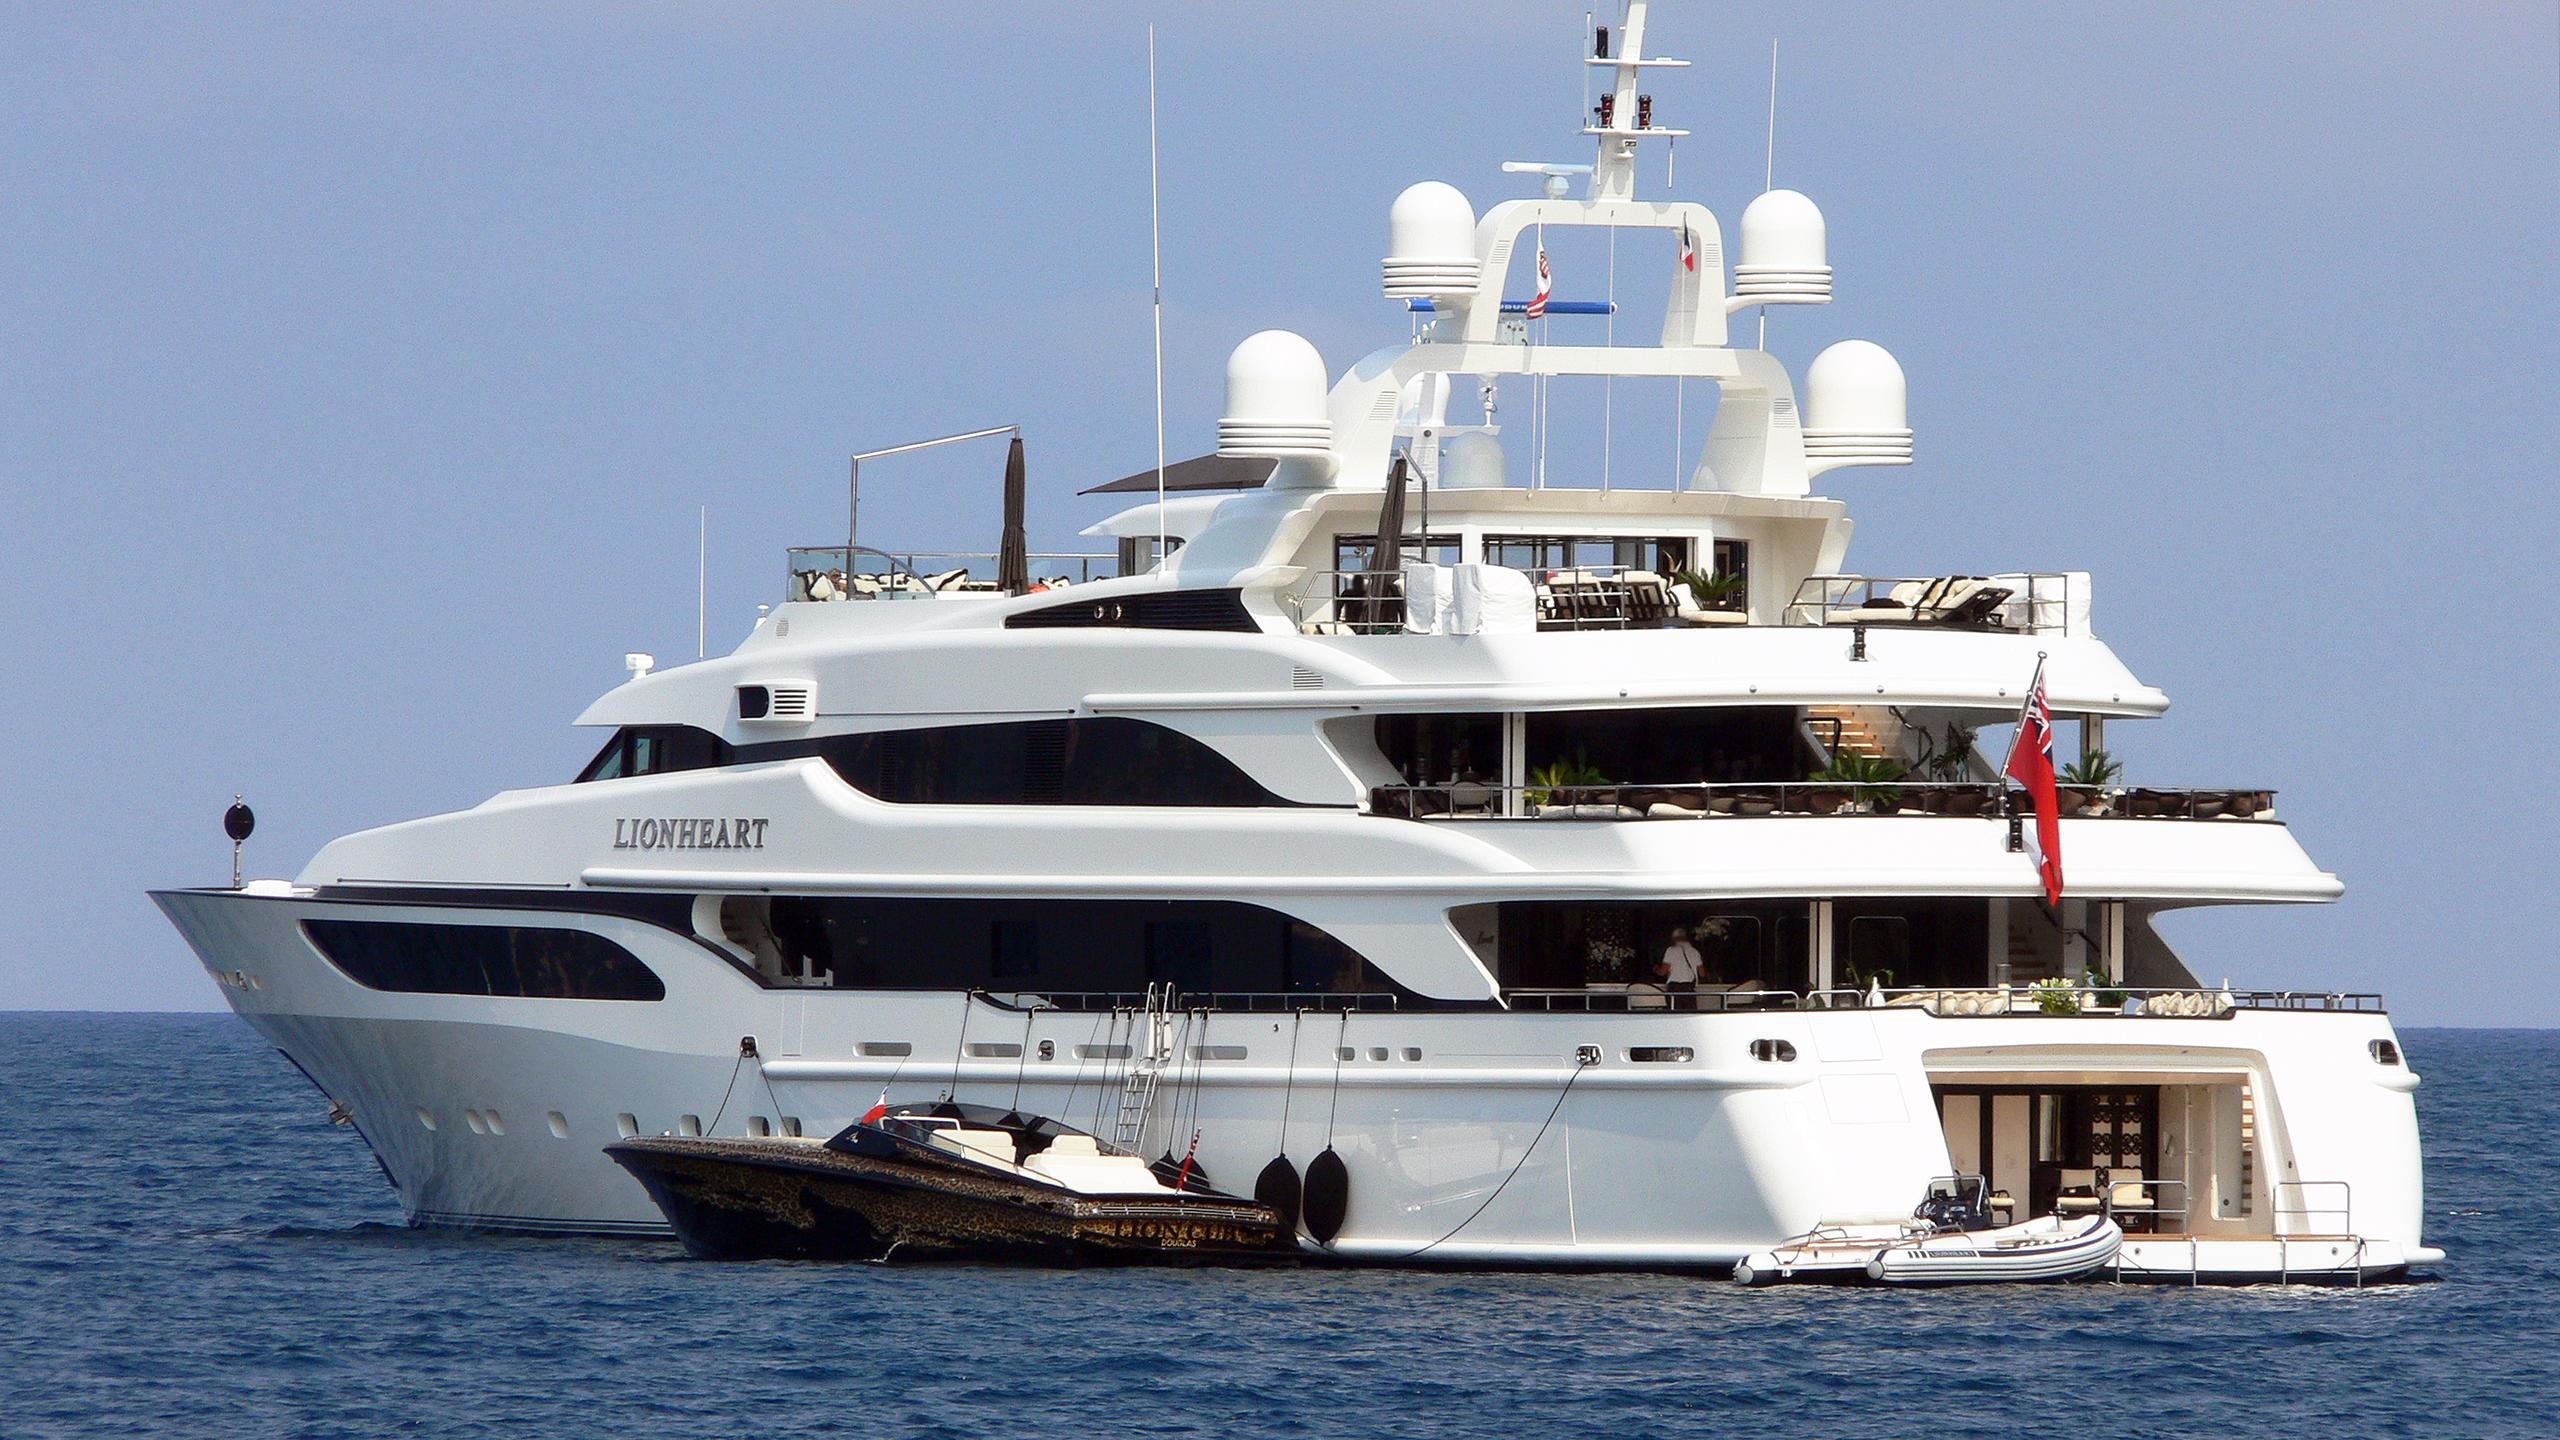 lioness-v-motor-yacht-benetti-2006-63m-stern